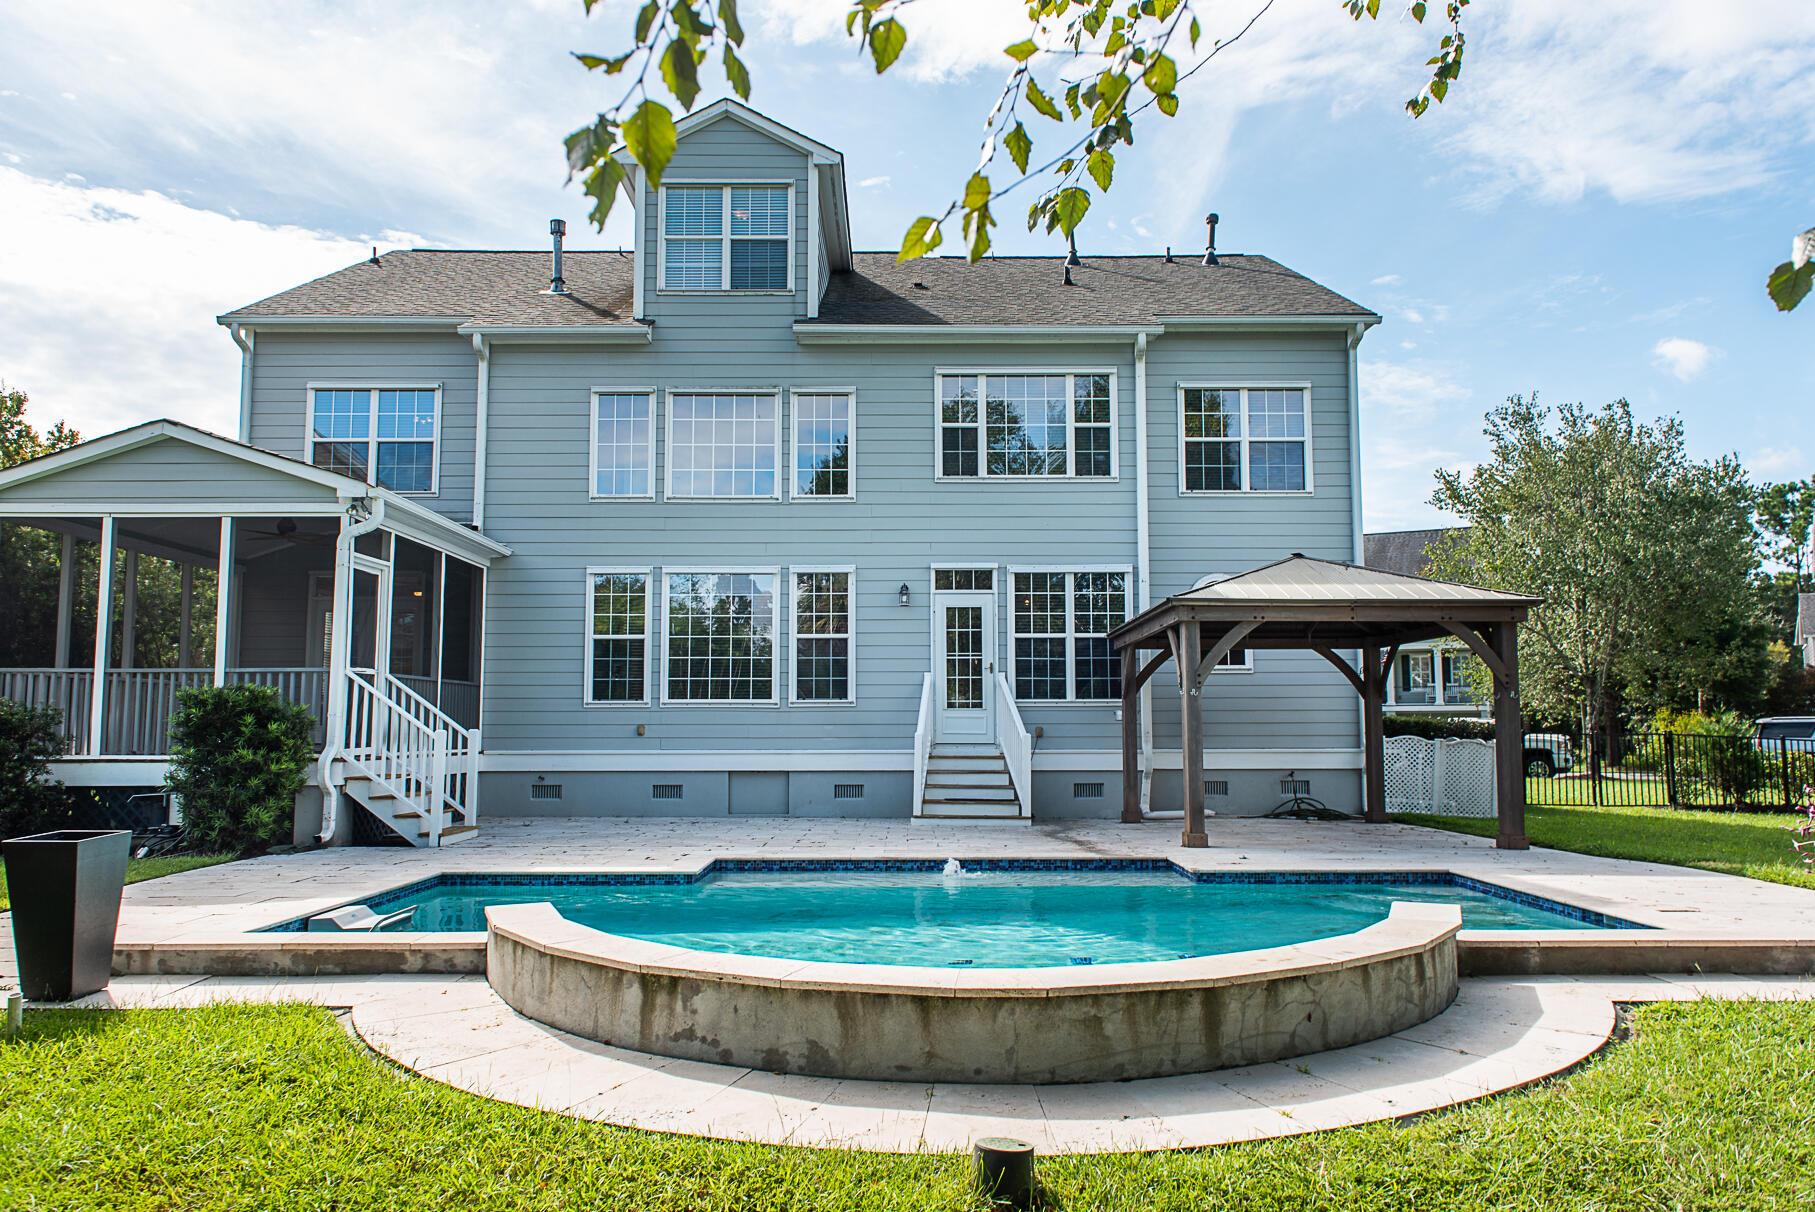 Dunes West Homes For Sale - 3059 Riverwood, Mount Pleasant, SC - 2